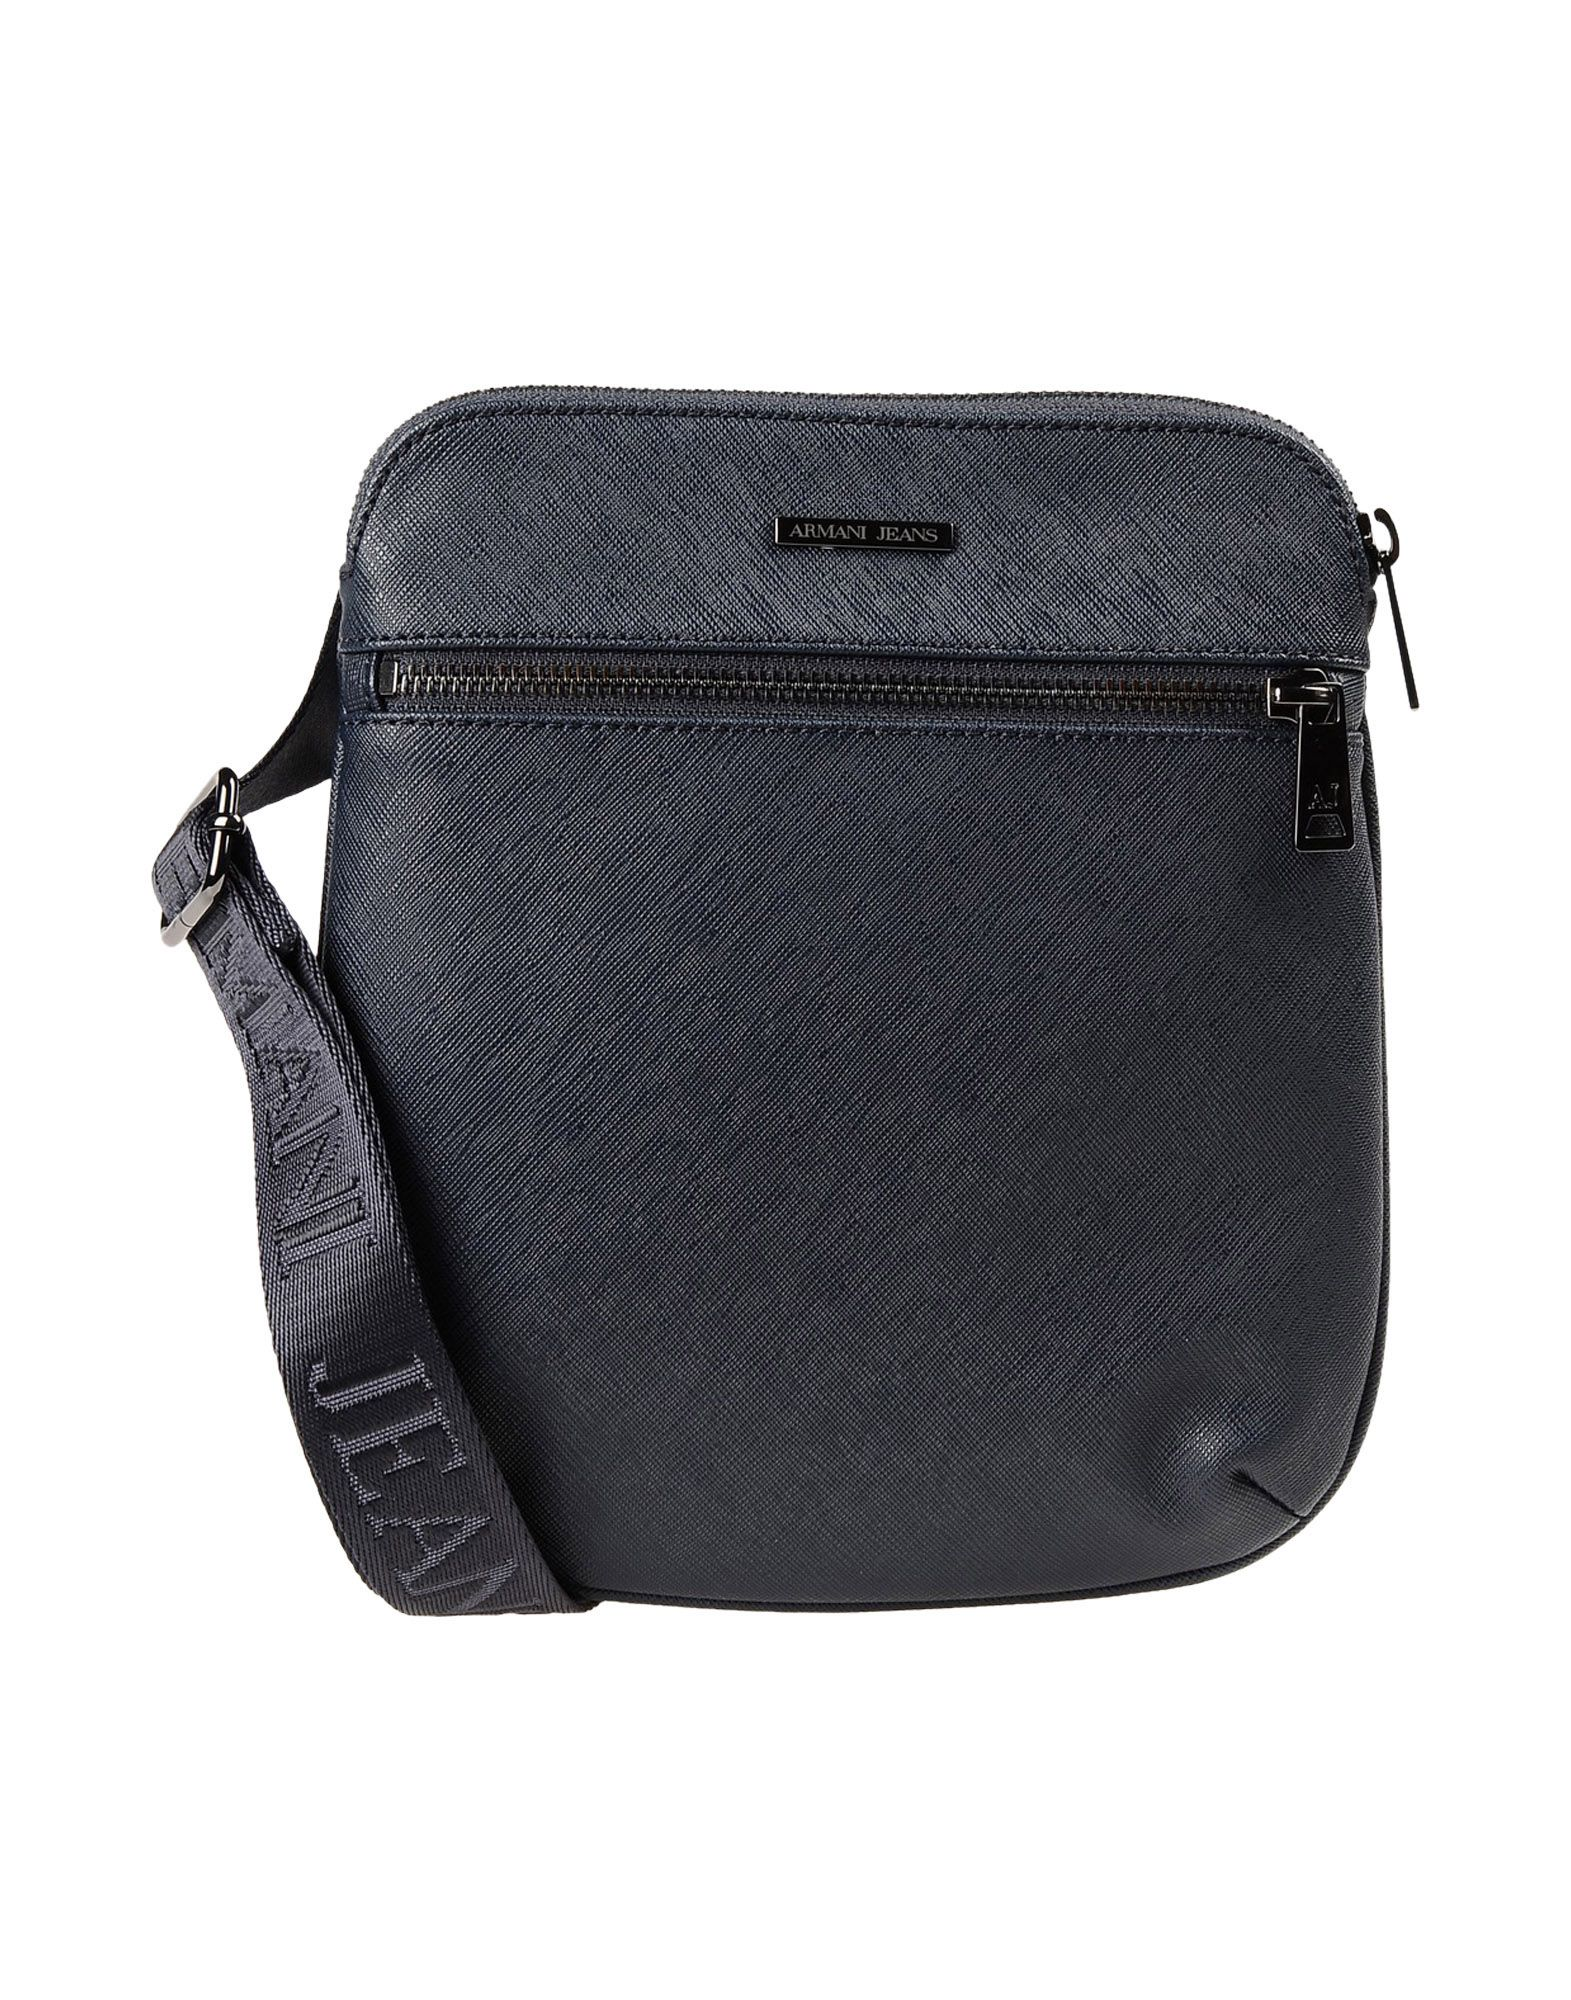 ARMANI JEANS Сумка на руку сумка armani jeans 922272 7a792 09934